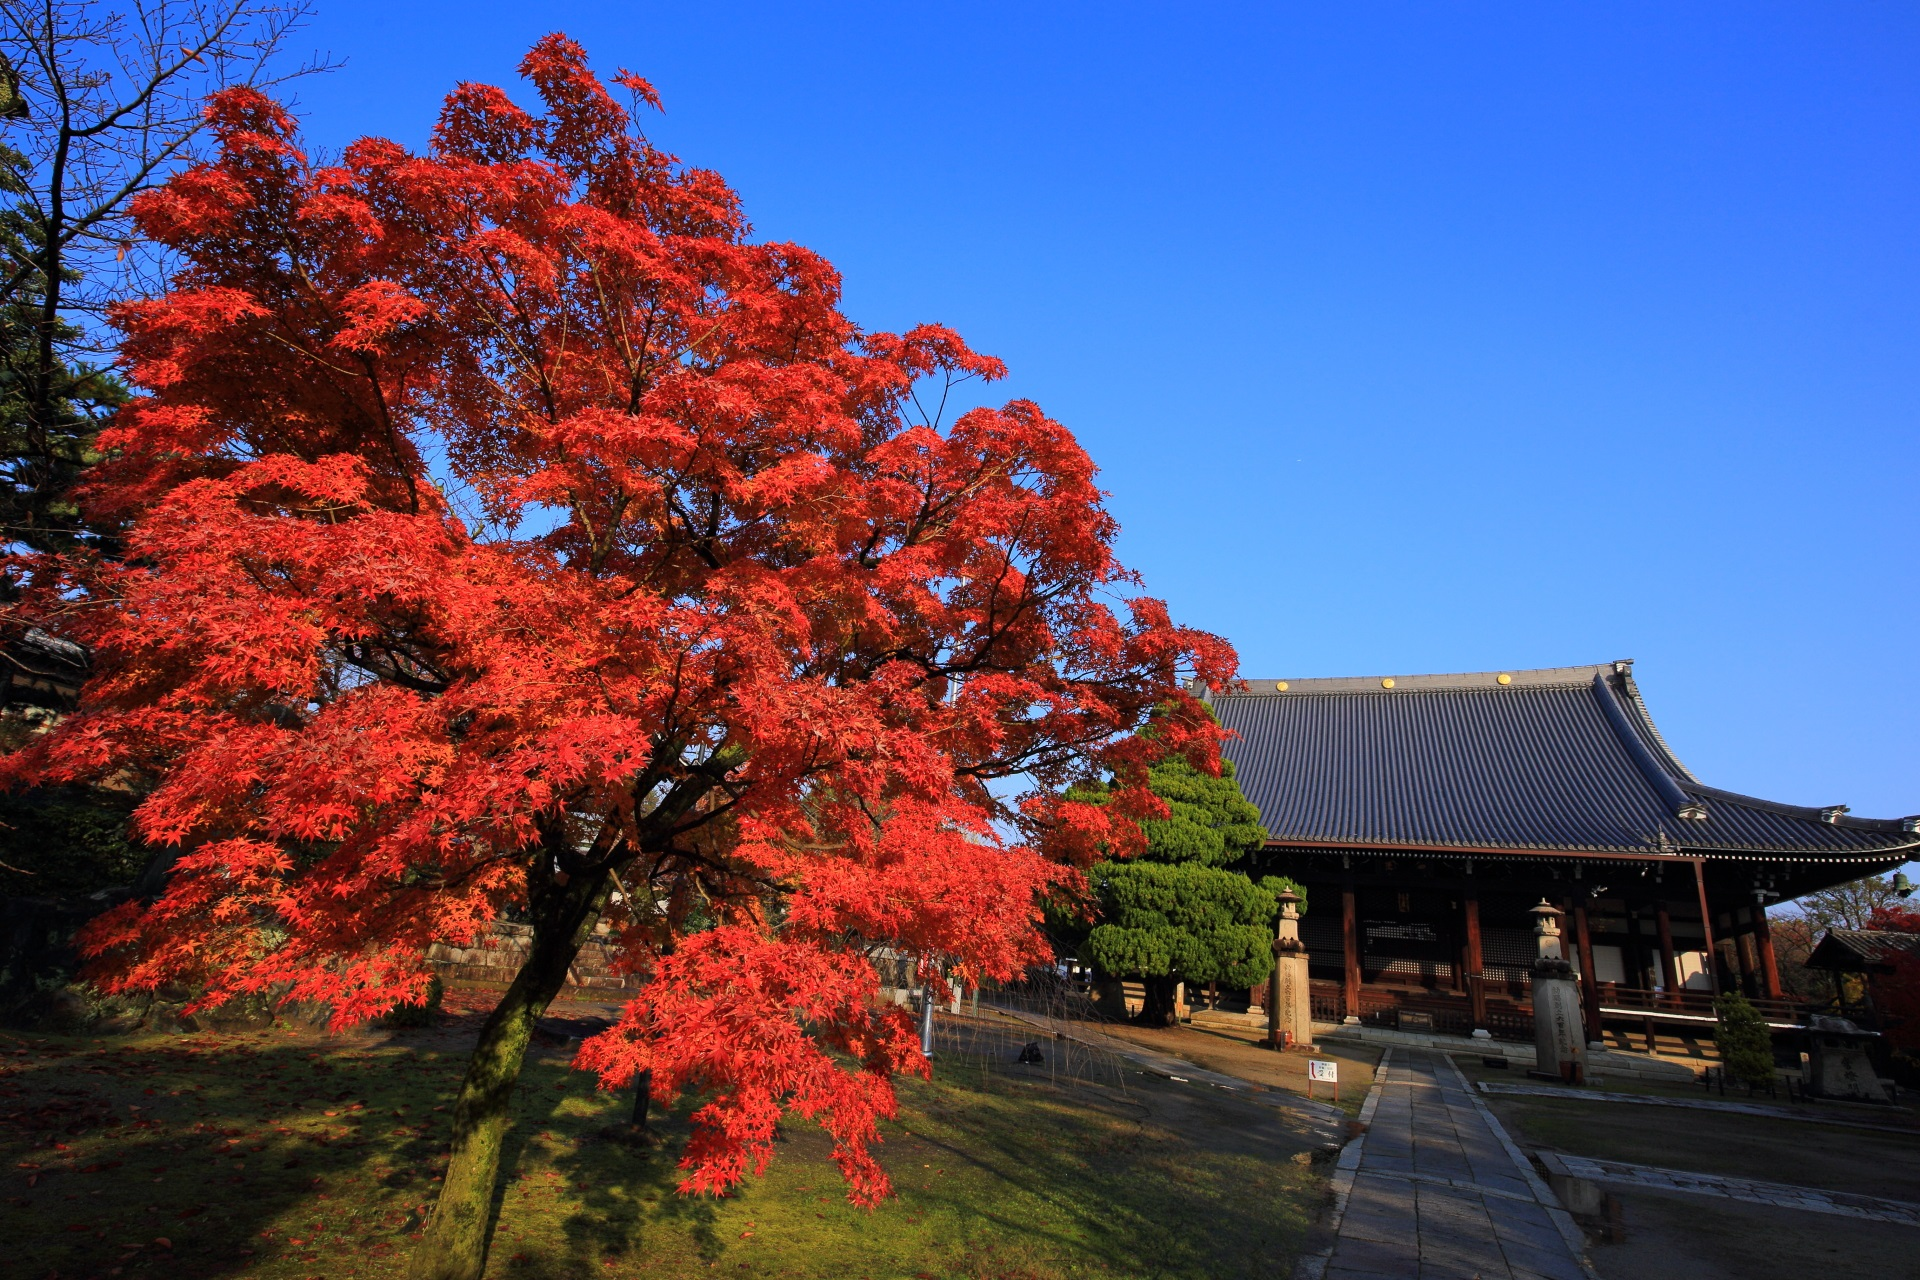 妙顕寺の雄大な本堂と青空を総会に彩る真紅の紅葉